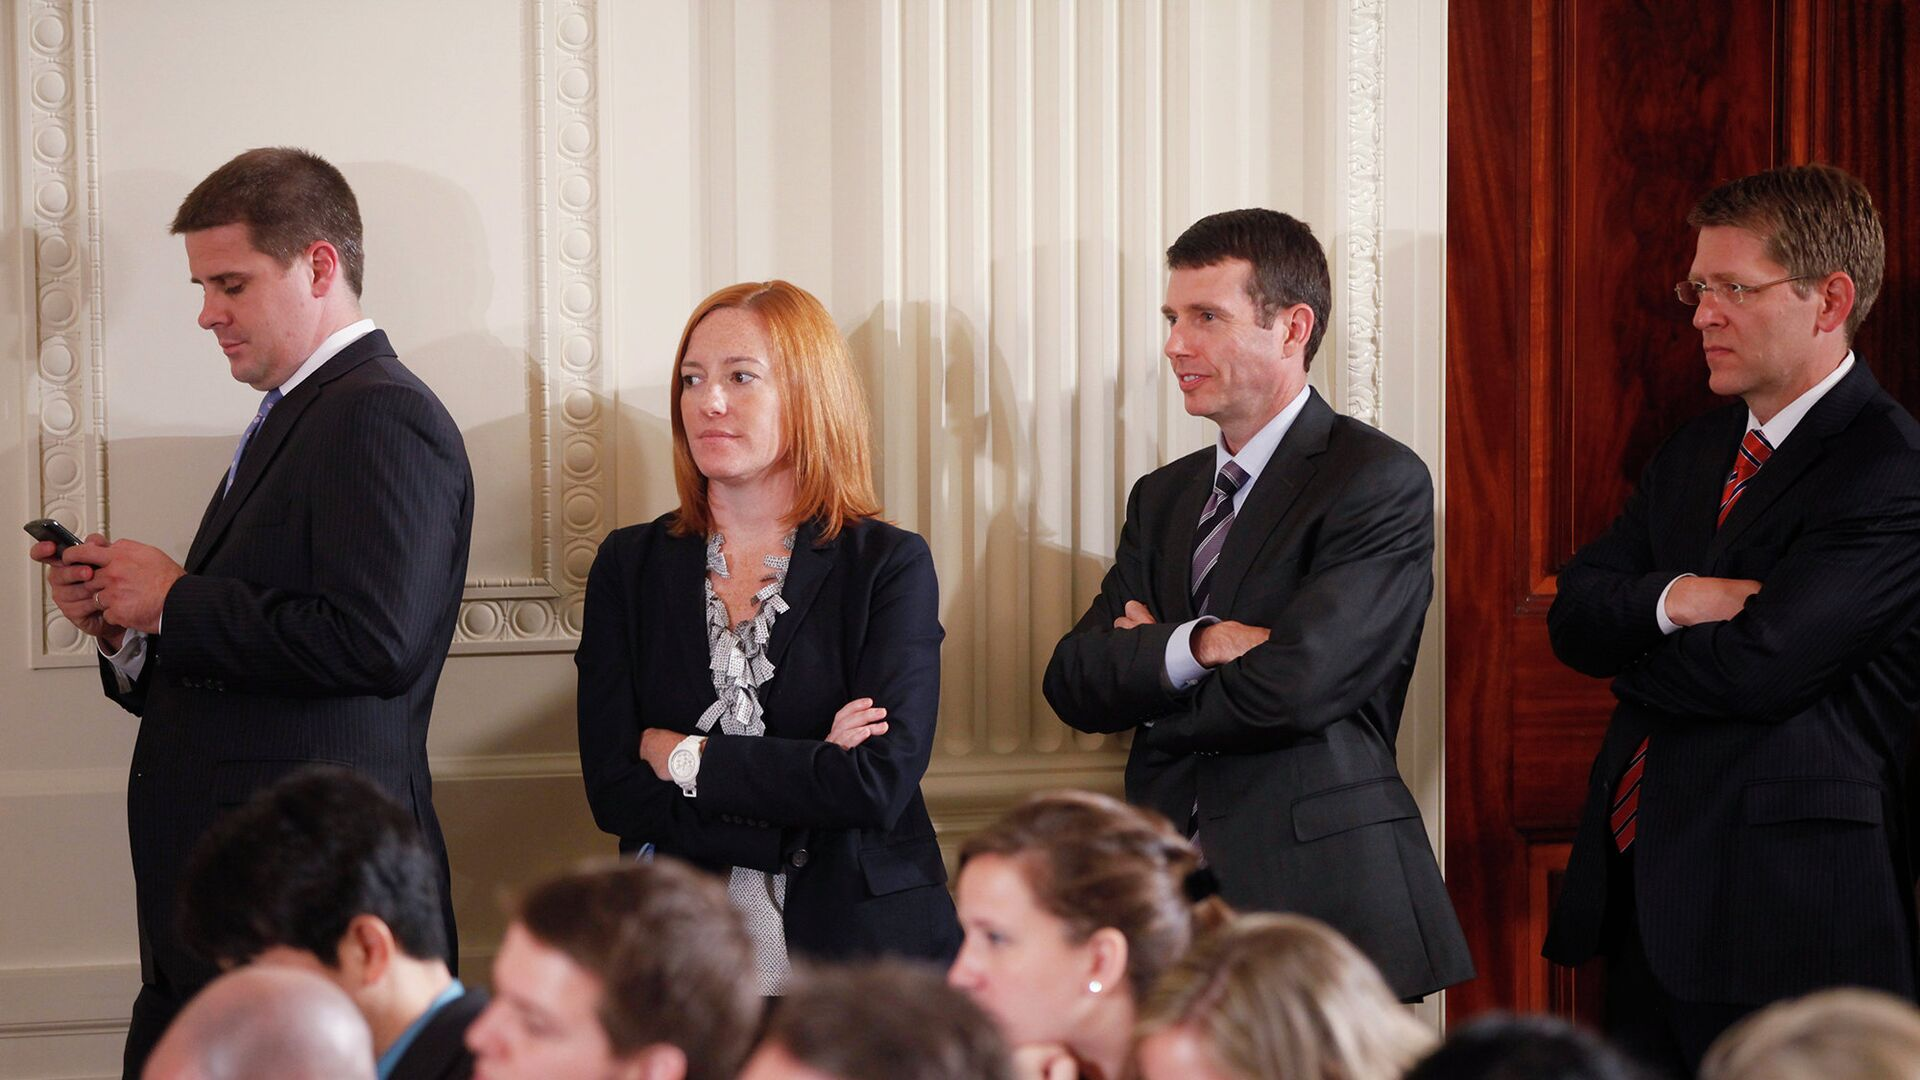 Официальный представитель Государственного департамента США Дженнифер Псаки с коллегами. 2011 год - РИА Новости, 1920, 30.11.2020